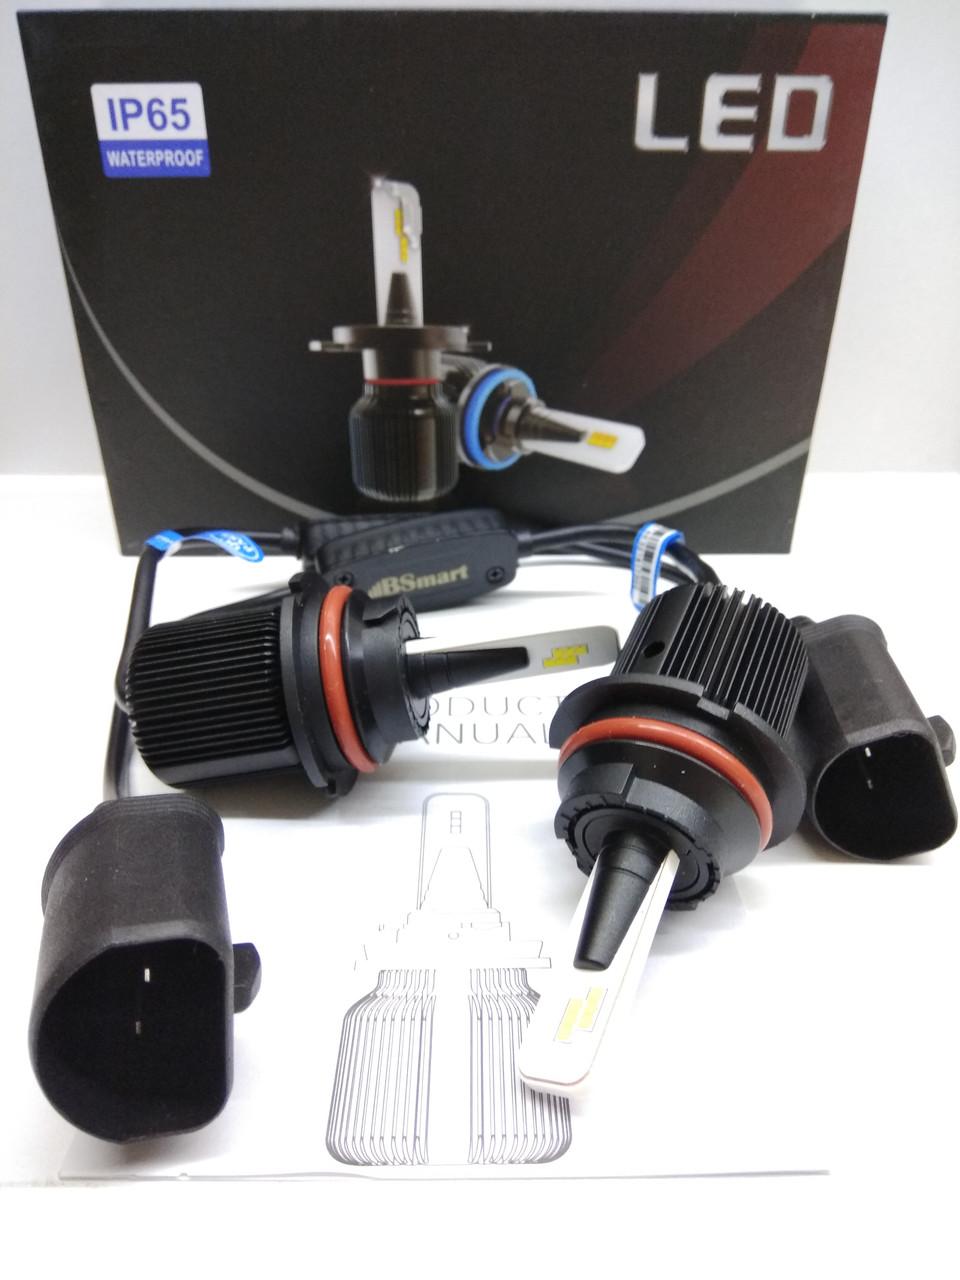 LED светодиодные авто лампы M1 CSP Южная Корея, HB1 9004, 8000 Люмен, 40Вт, 9-32В